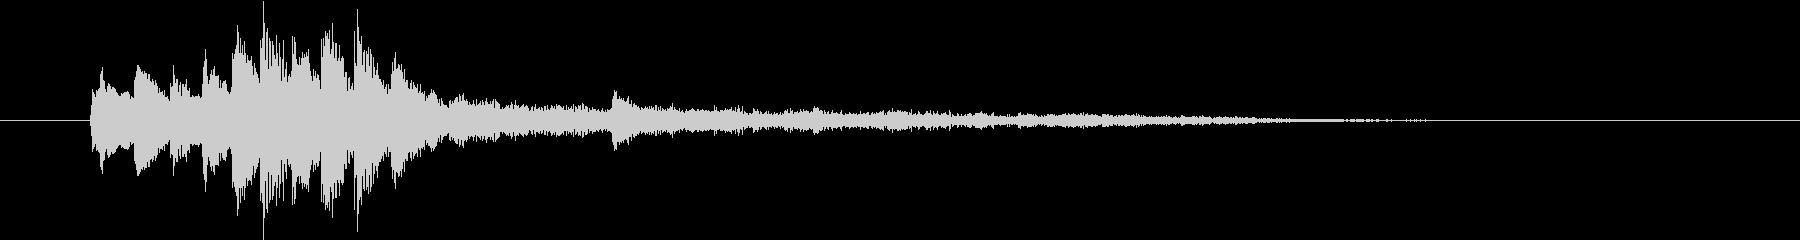 ジングル_バッドエンド05の未再生の波形